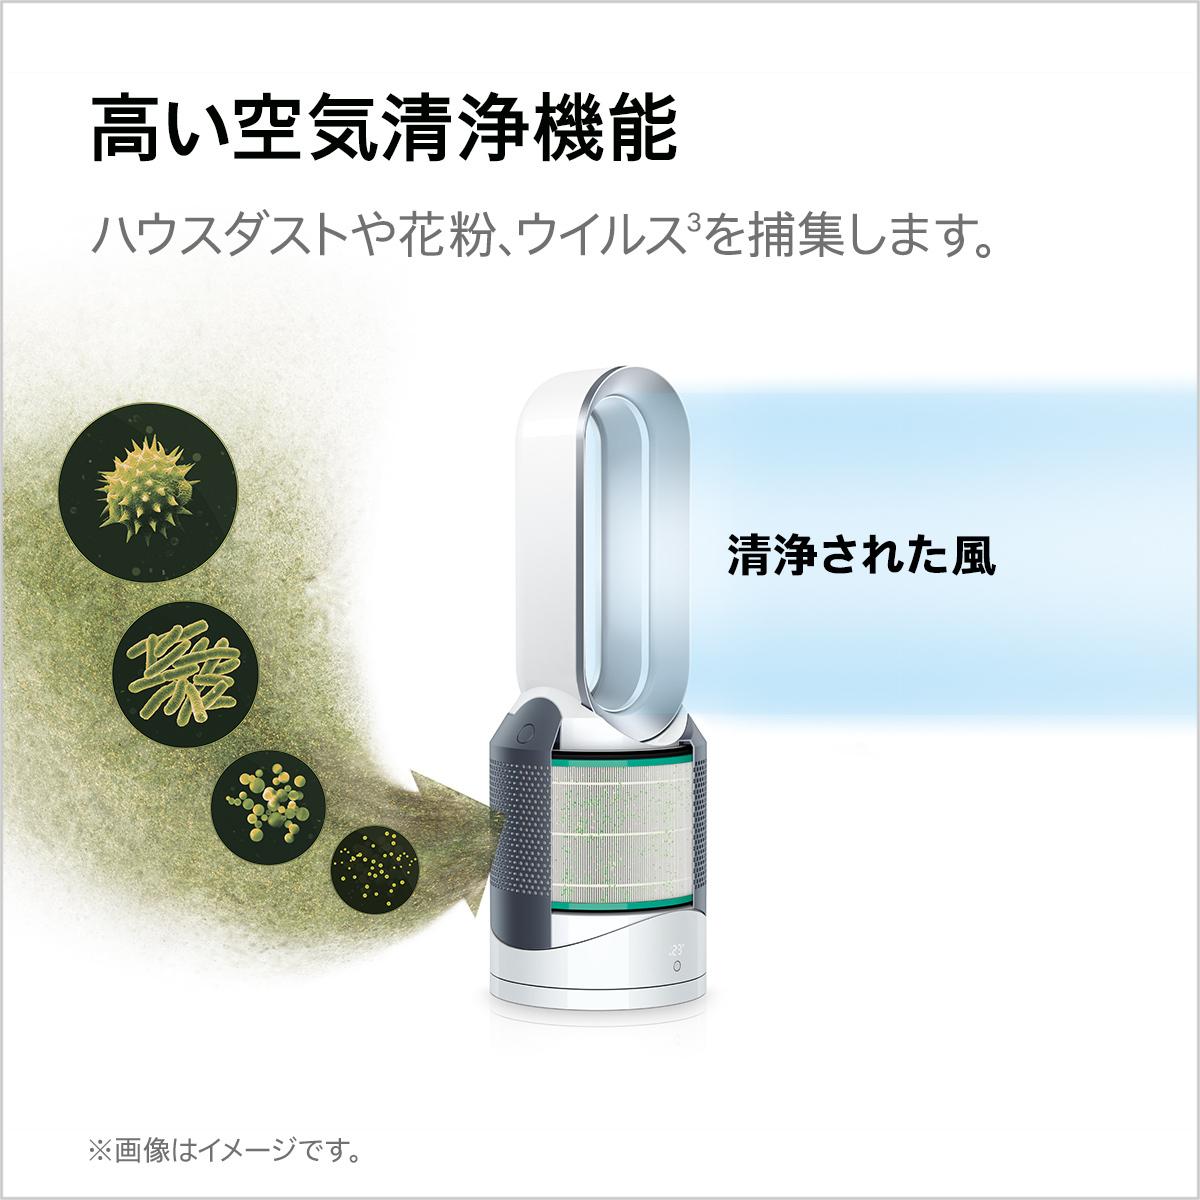 ダイソン Pure Hot+CoolLink HP03 WS(ホワイト/シルバー)の商品画像|2